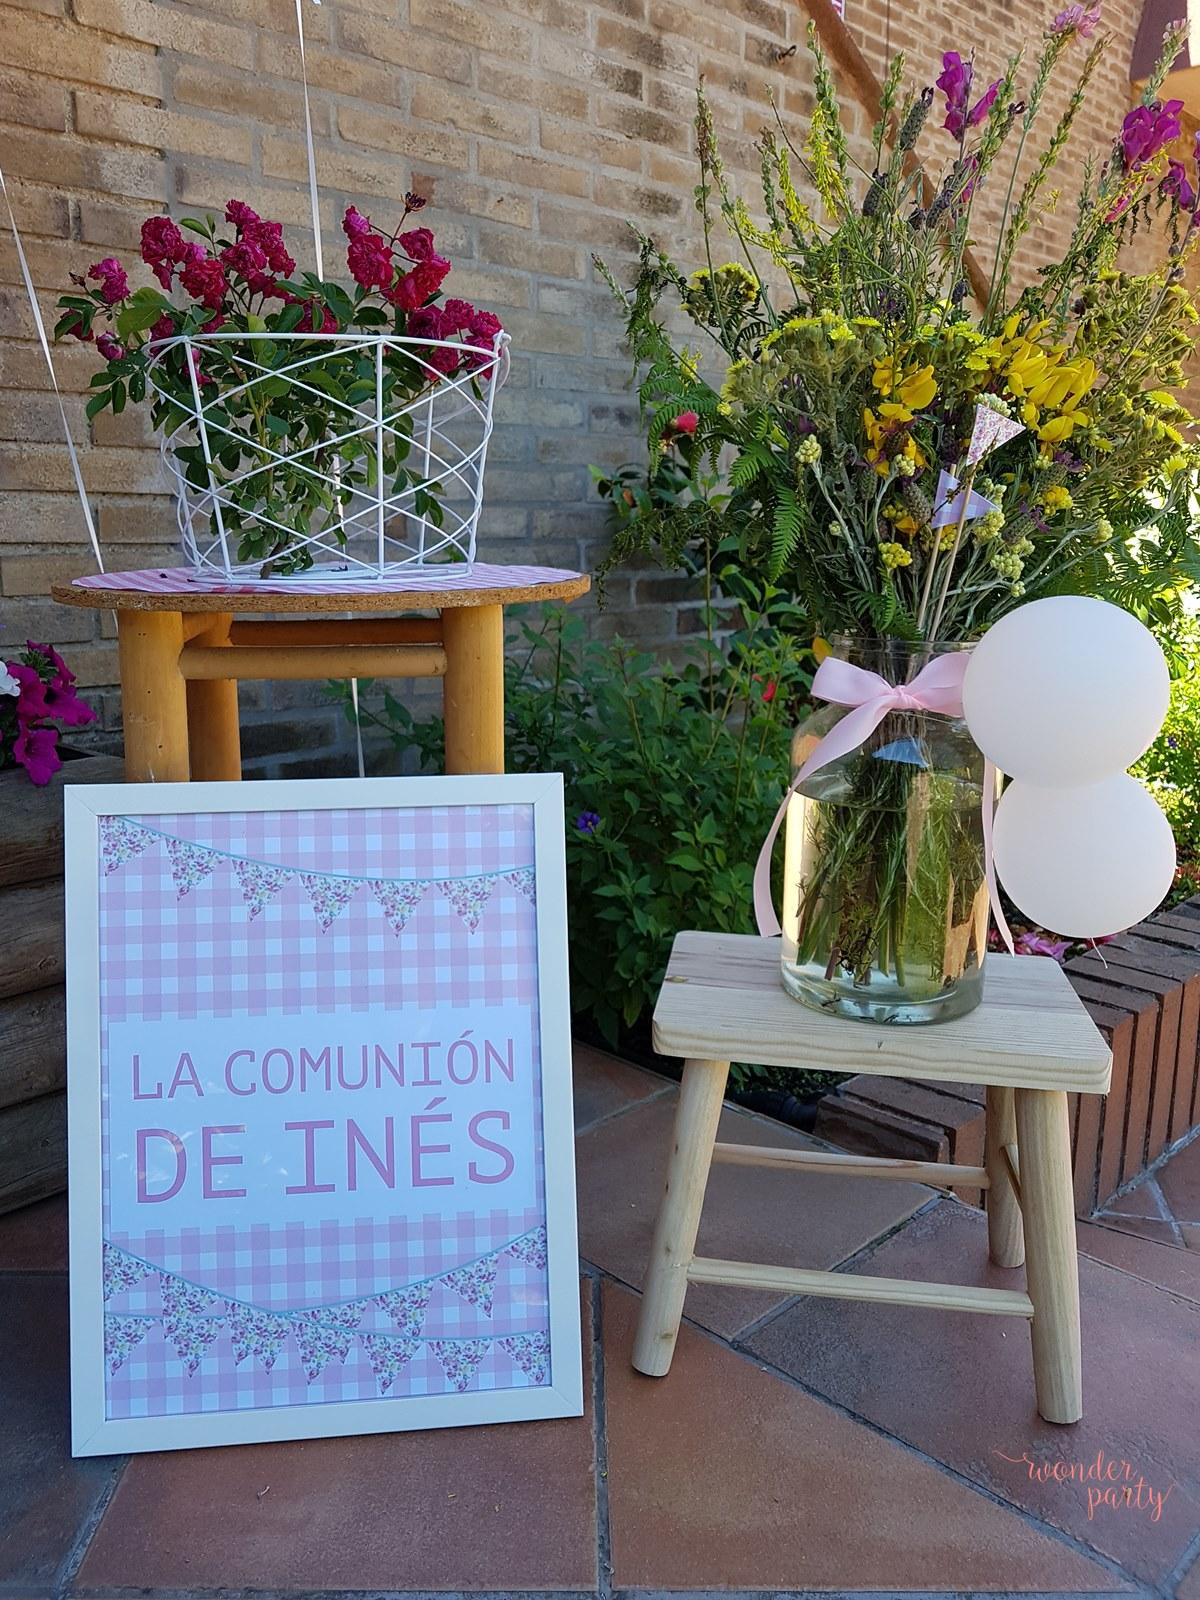 Flores liberty y vichy para la comunión de Inés Wonder PArty Barcelona, oragnixacion de eventos, organizacion de fiestas en barcelona, girona